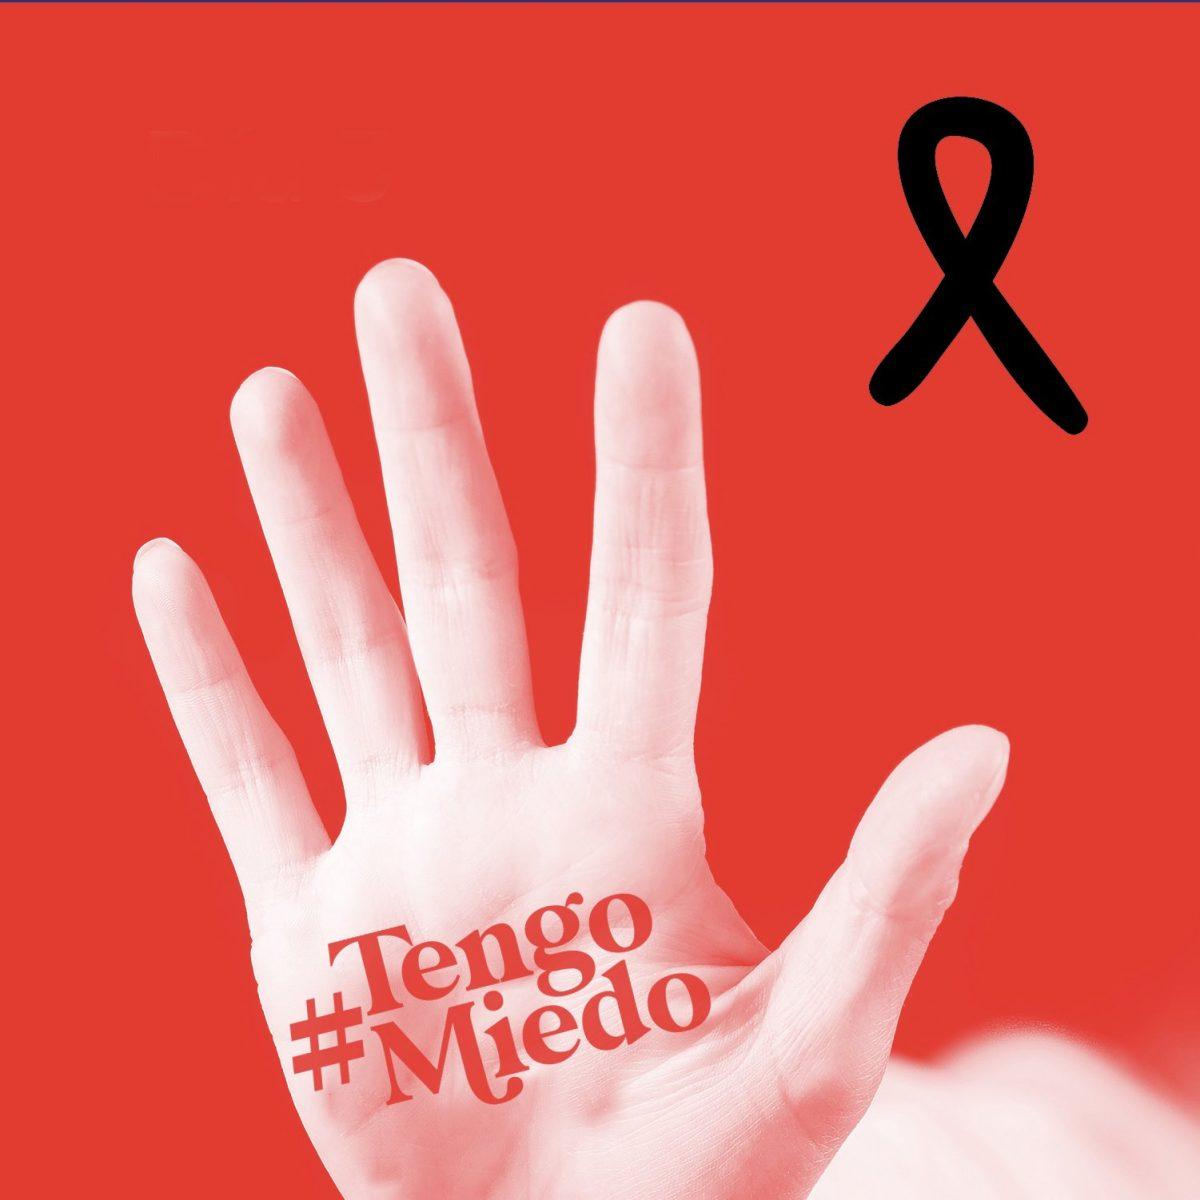 #TengoMiedo, la campaña de redes que dio voz a miles de víctimas de violencia contra la mujer imagen